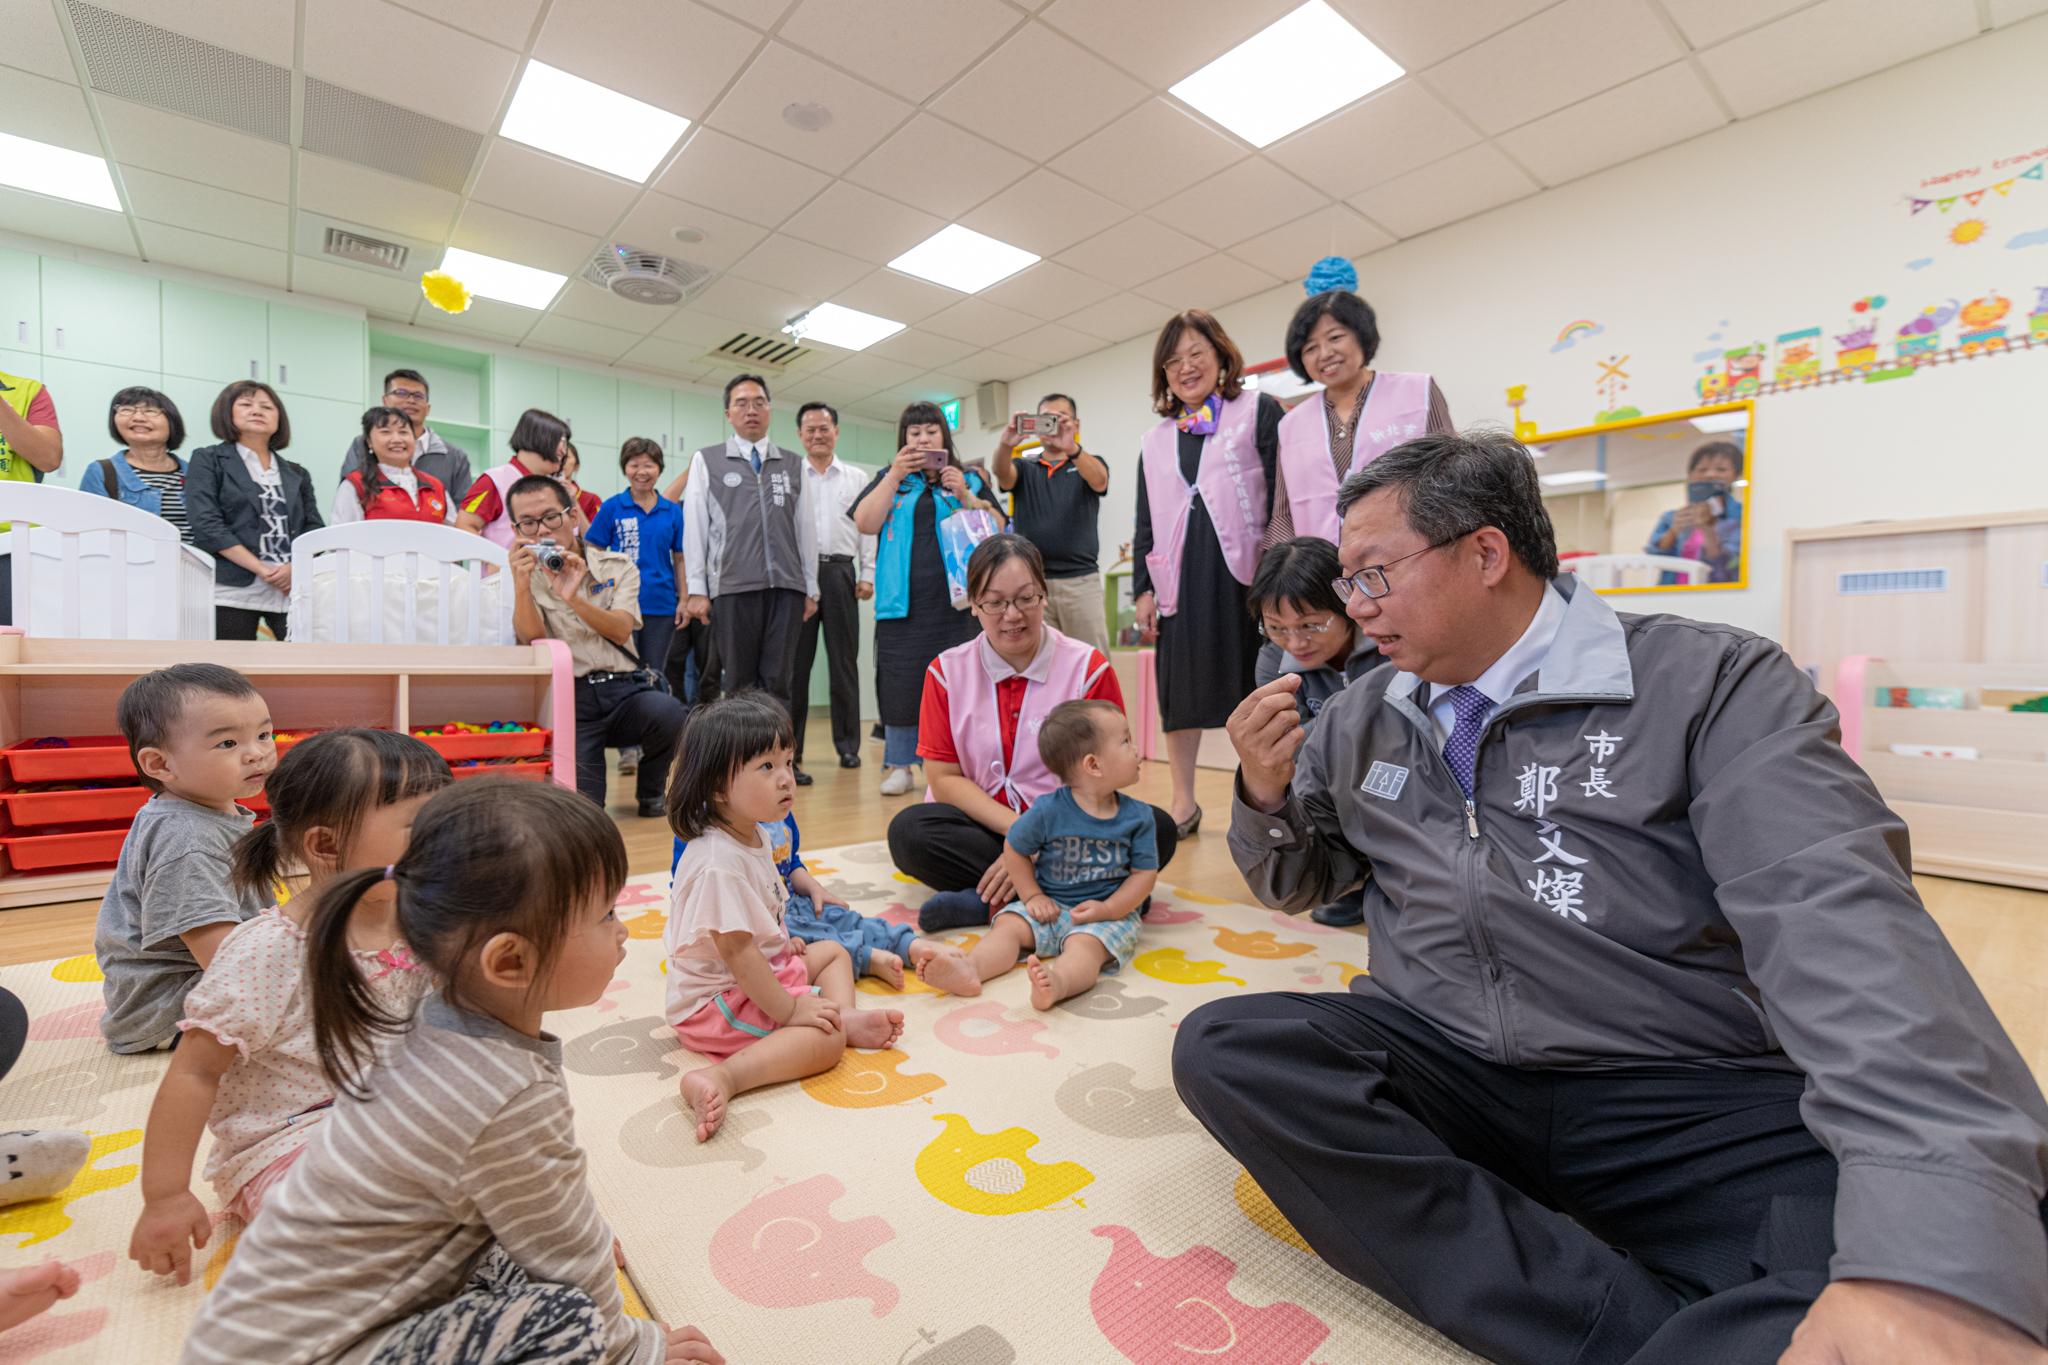 市長與小朋友互動,吸引許多民眾圍觀